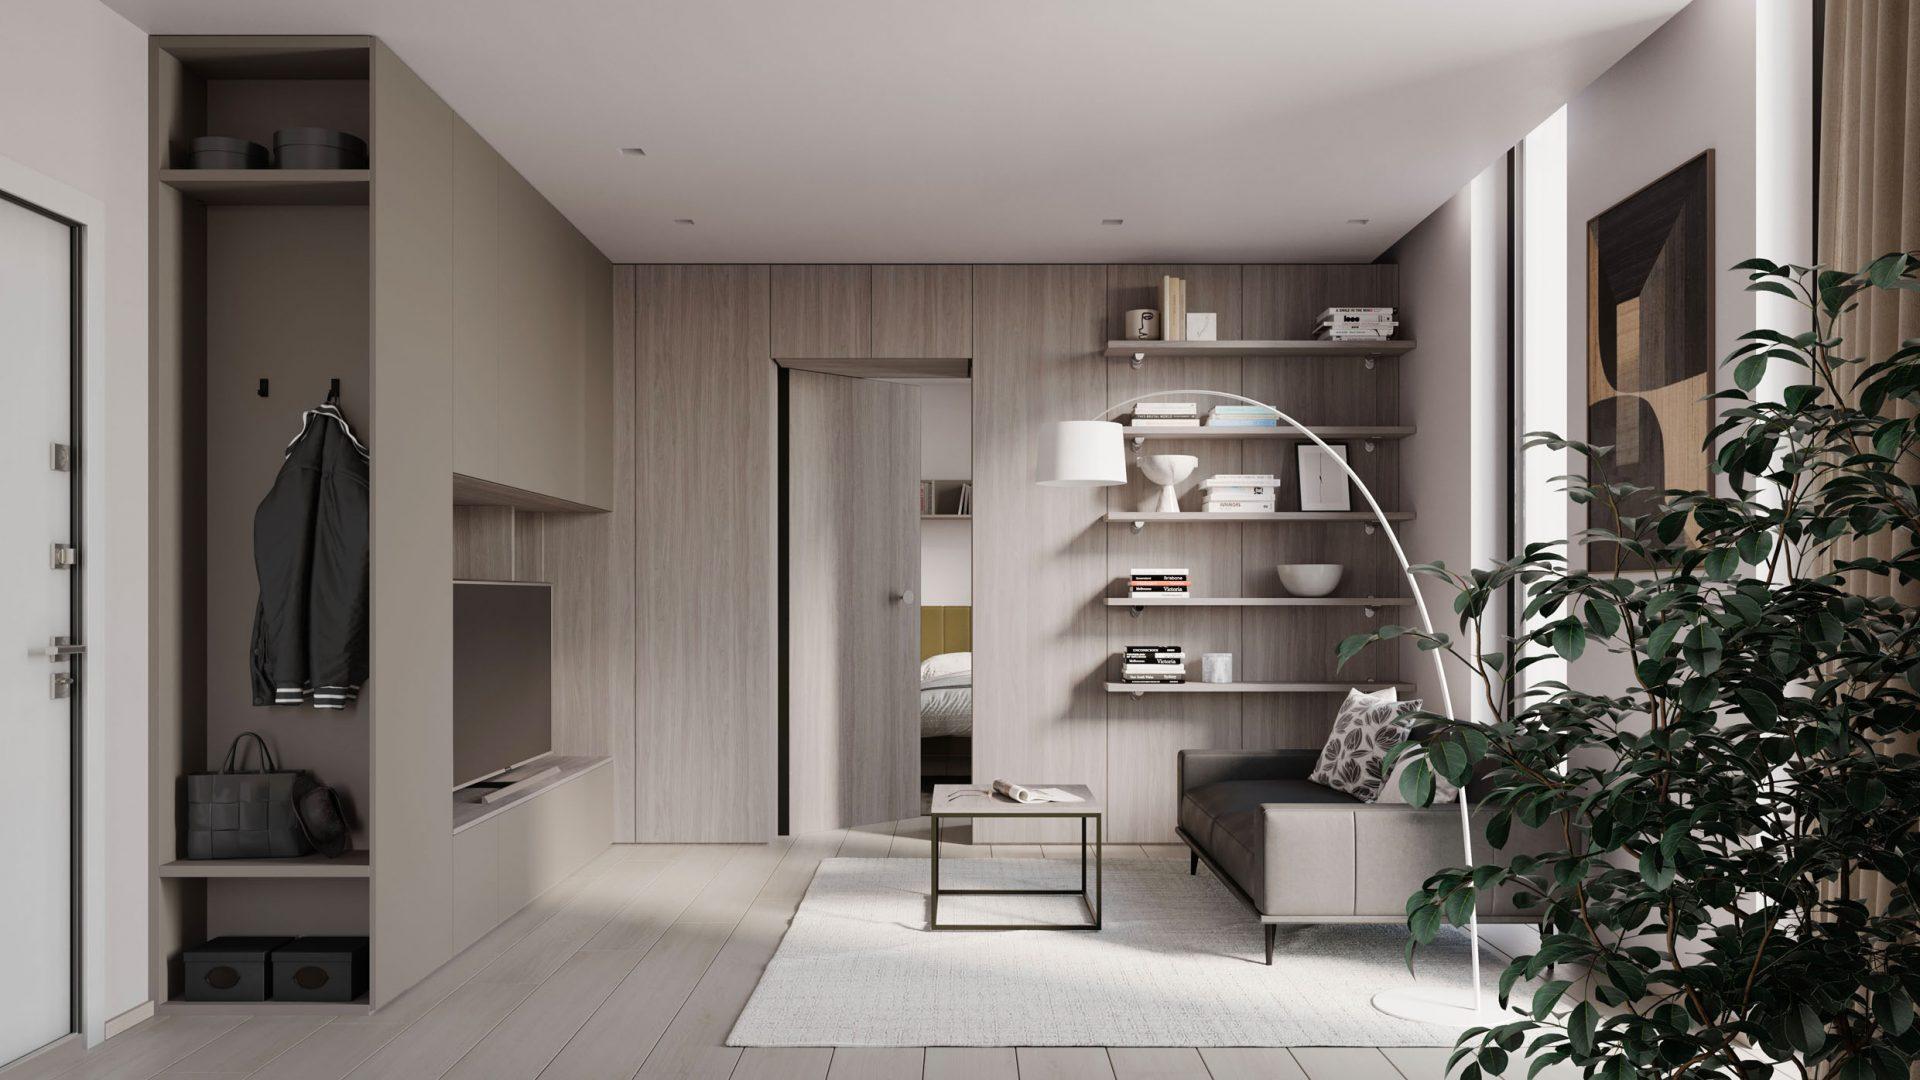 nardiinterni-casa01-40mq-soggiorno-01-1920×1080